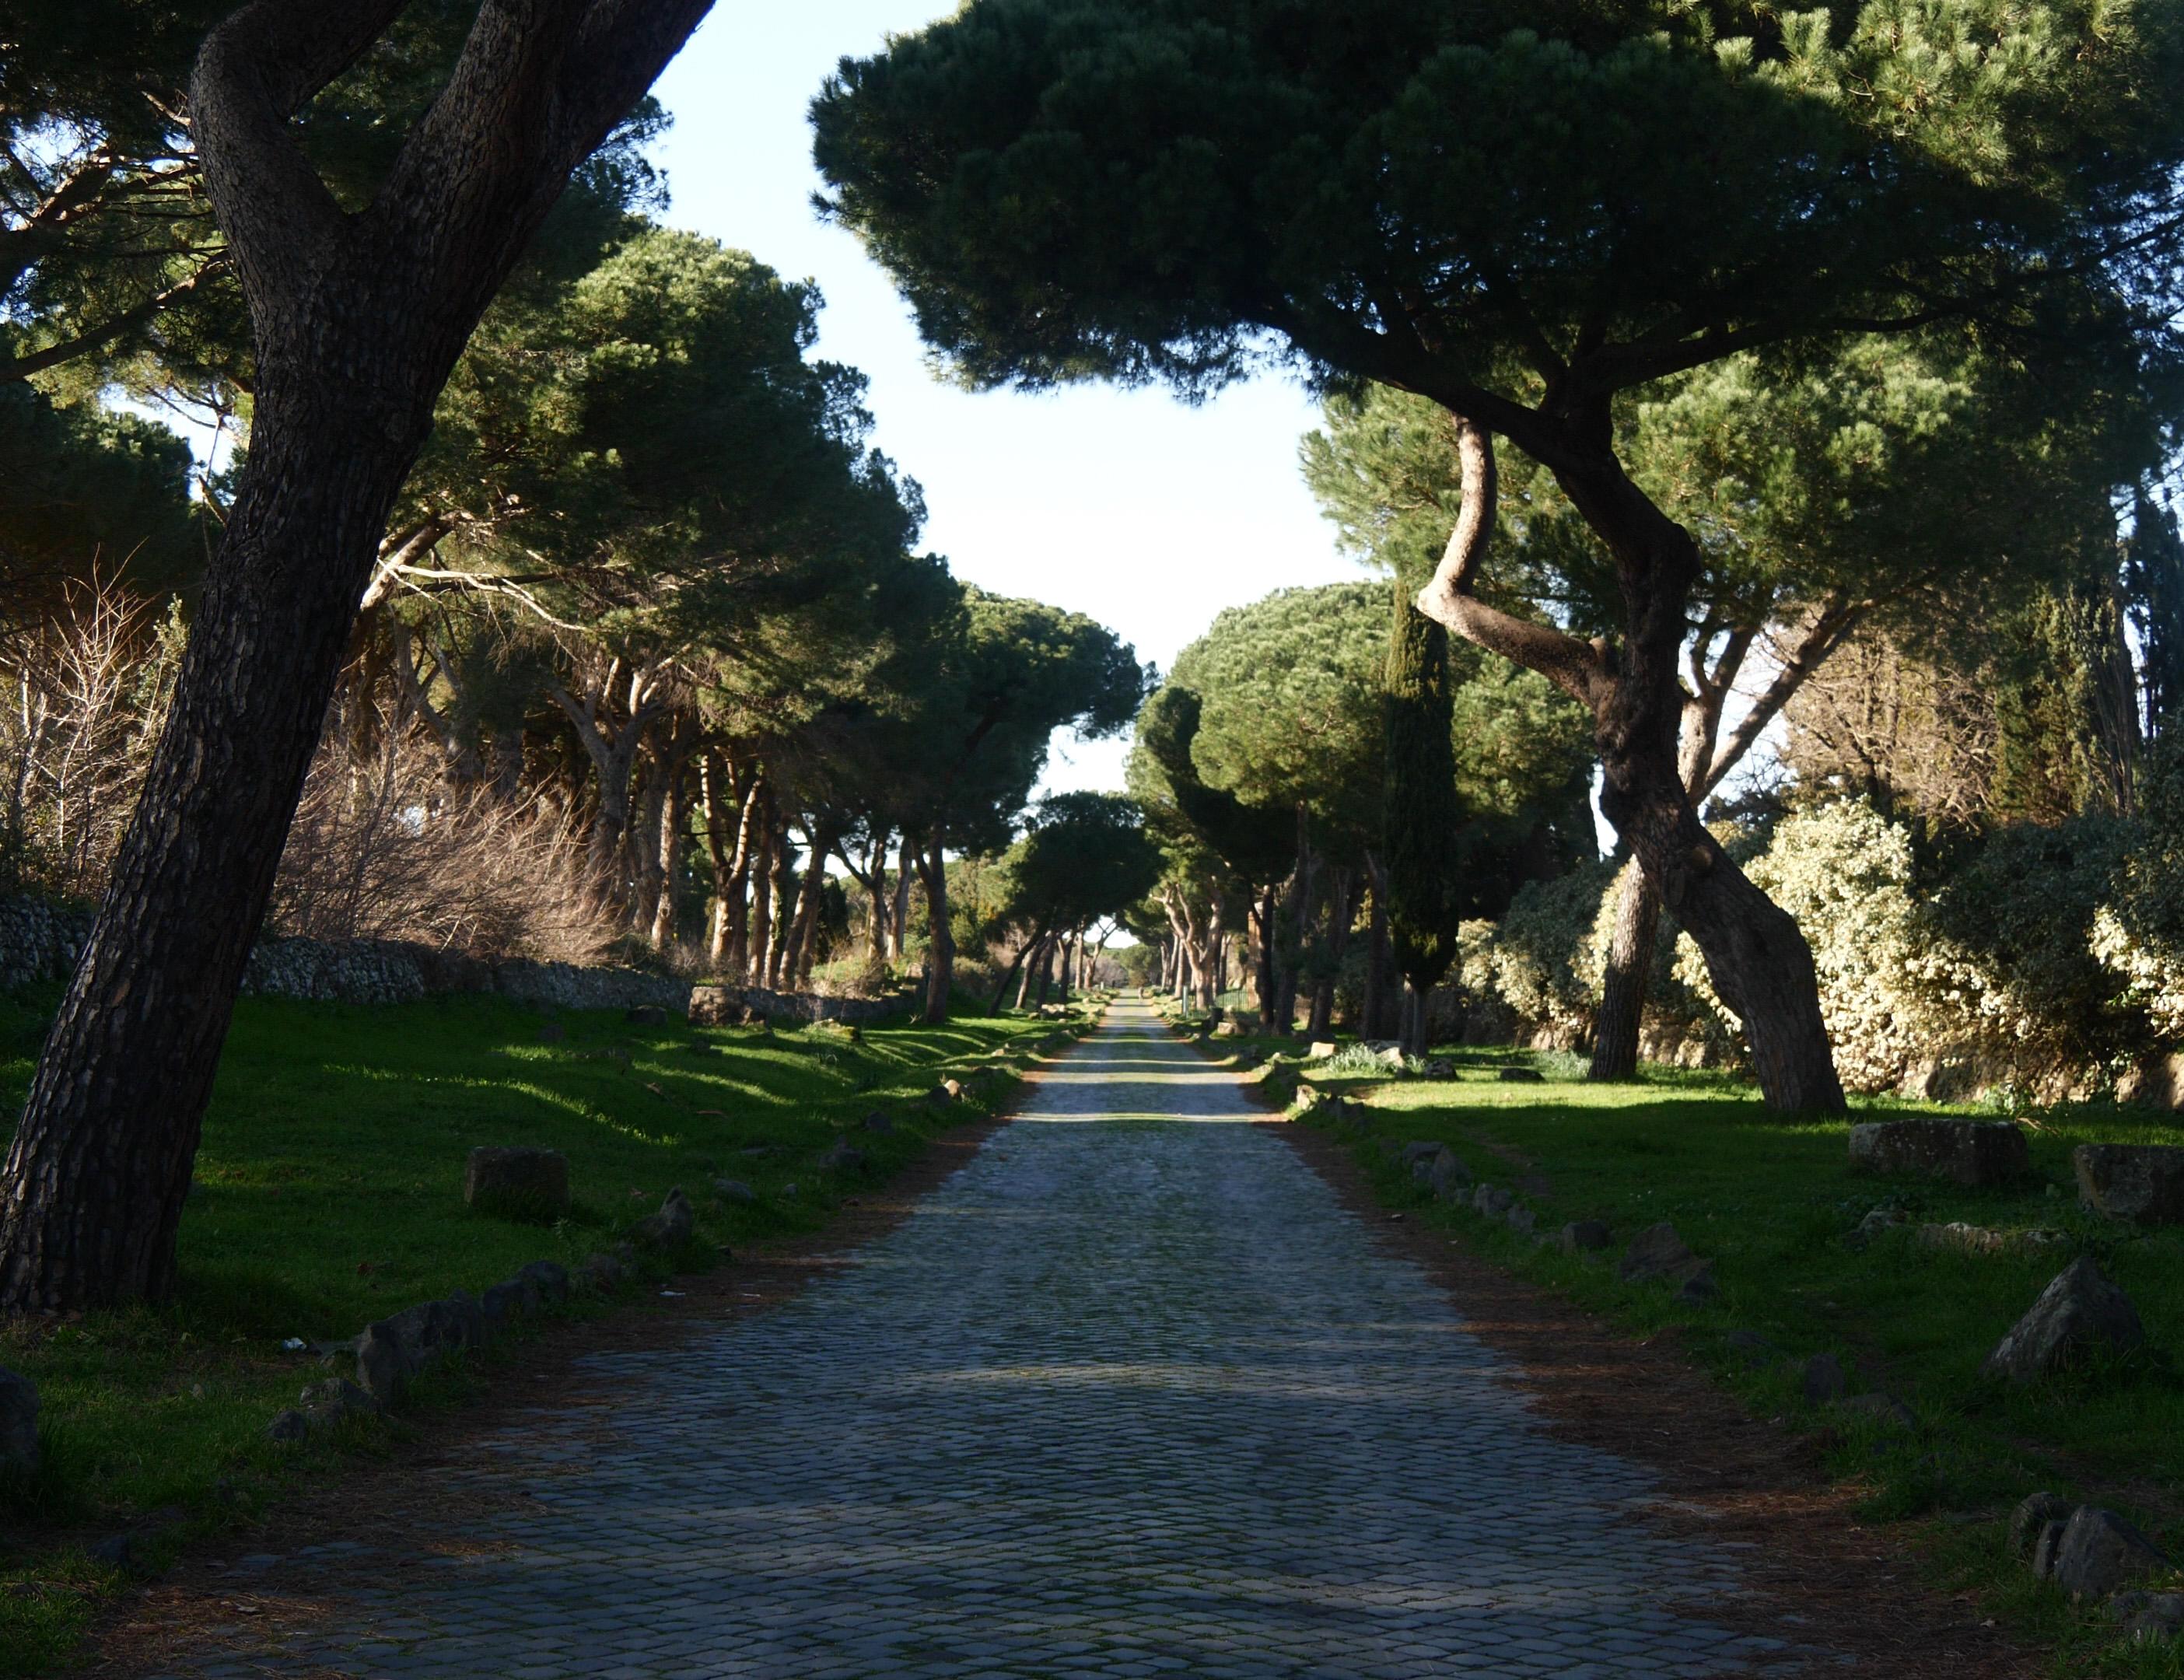 Ferragosto nel Parco Archeologico dell'Appia Antica